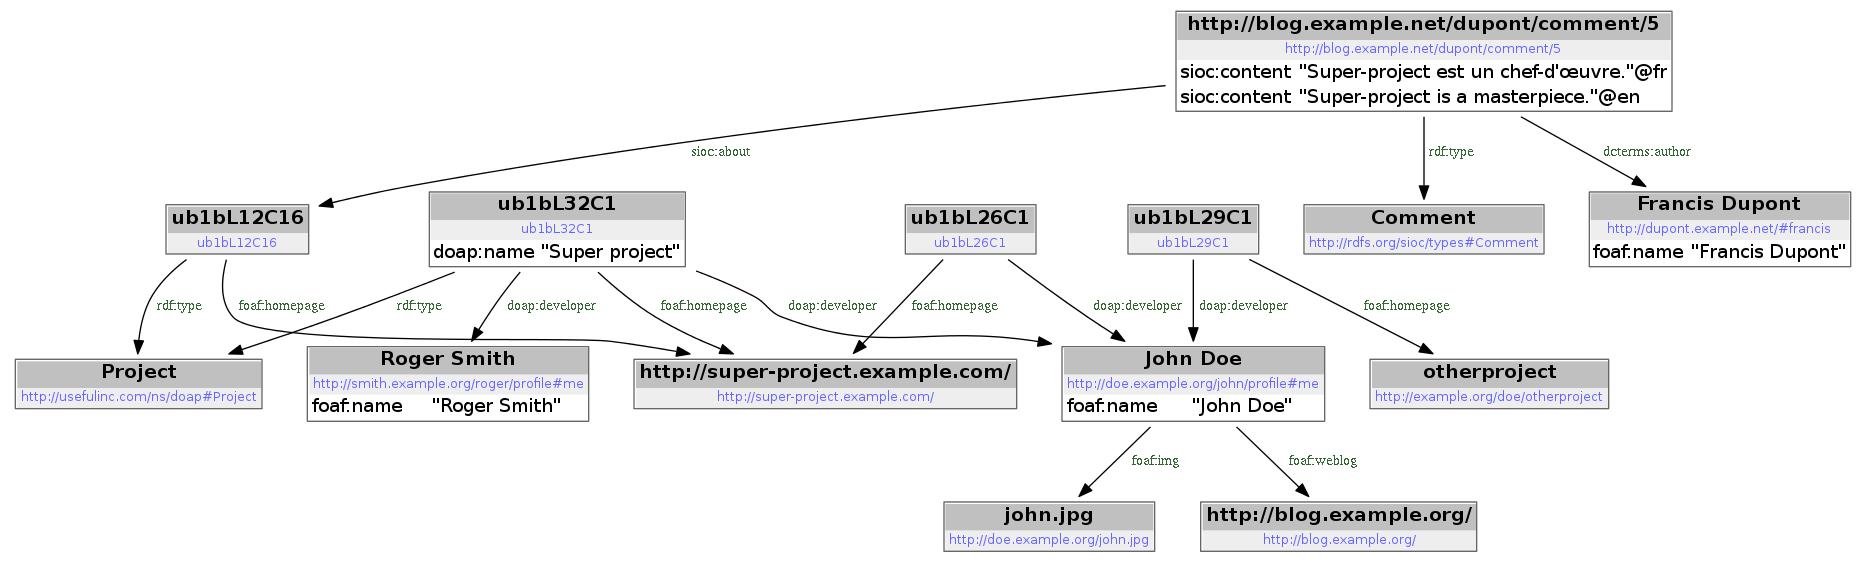 Graphe fusionnant les trois sources de données